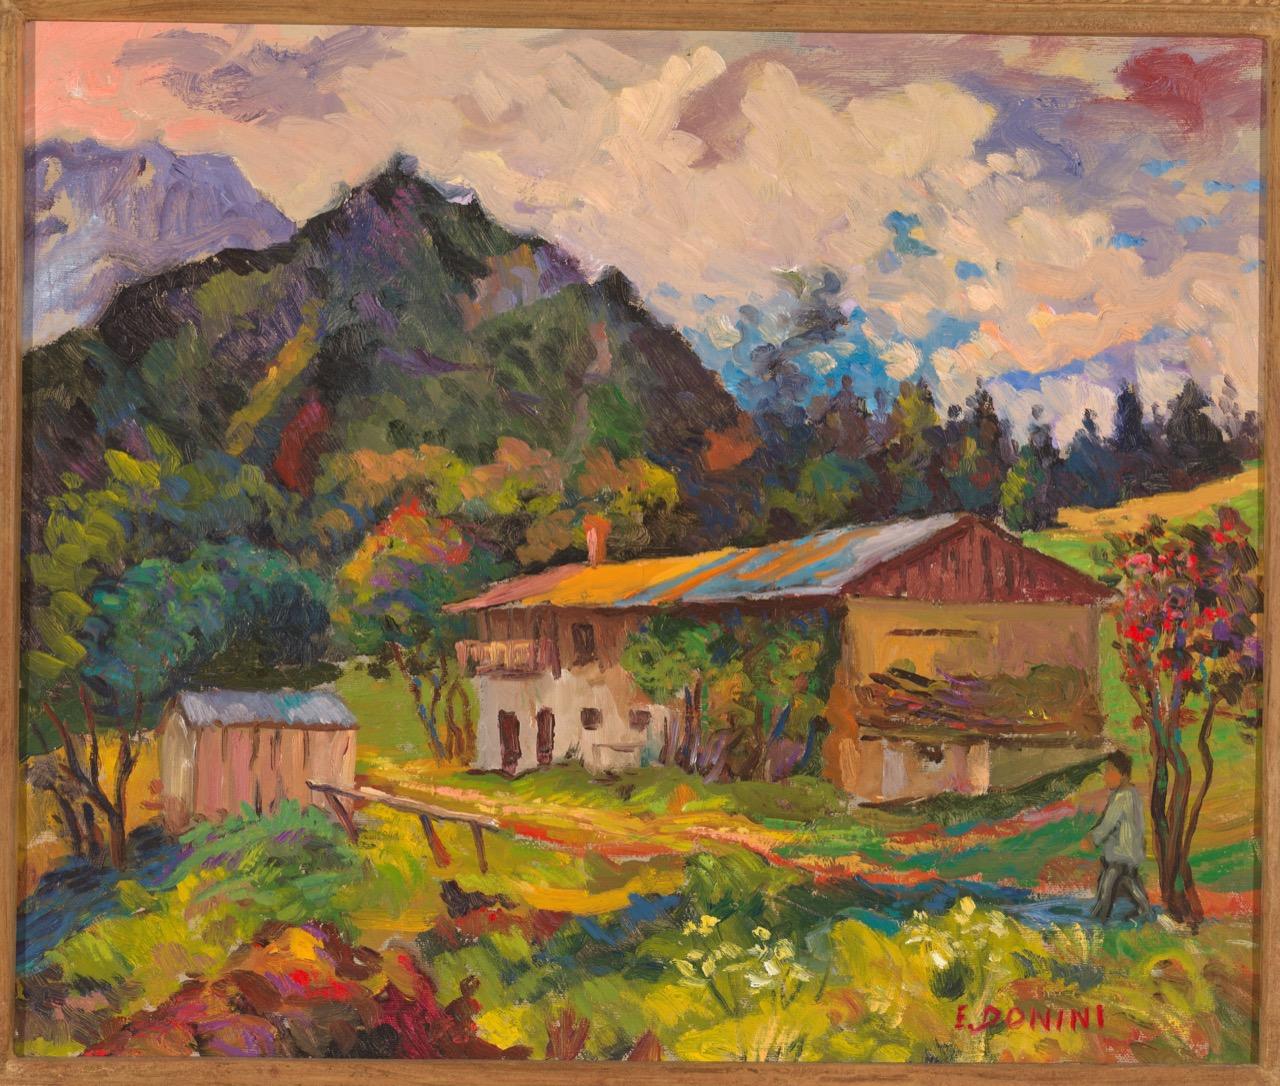 Baita vicino a Bagolino (Regalo per l'anniversario dei 69 anni della moglie), anni '80, olio su tela, 50x60 cm